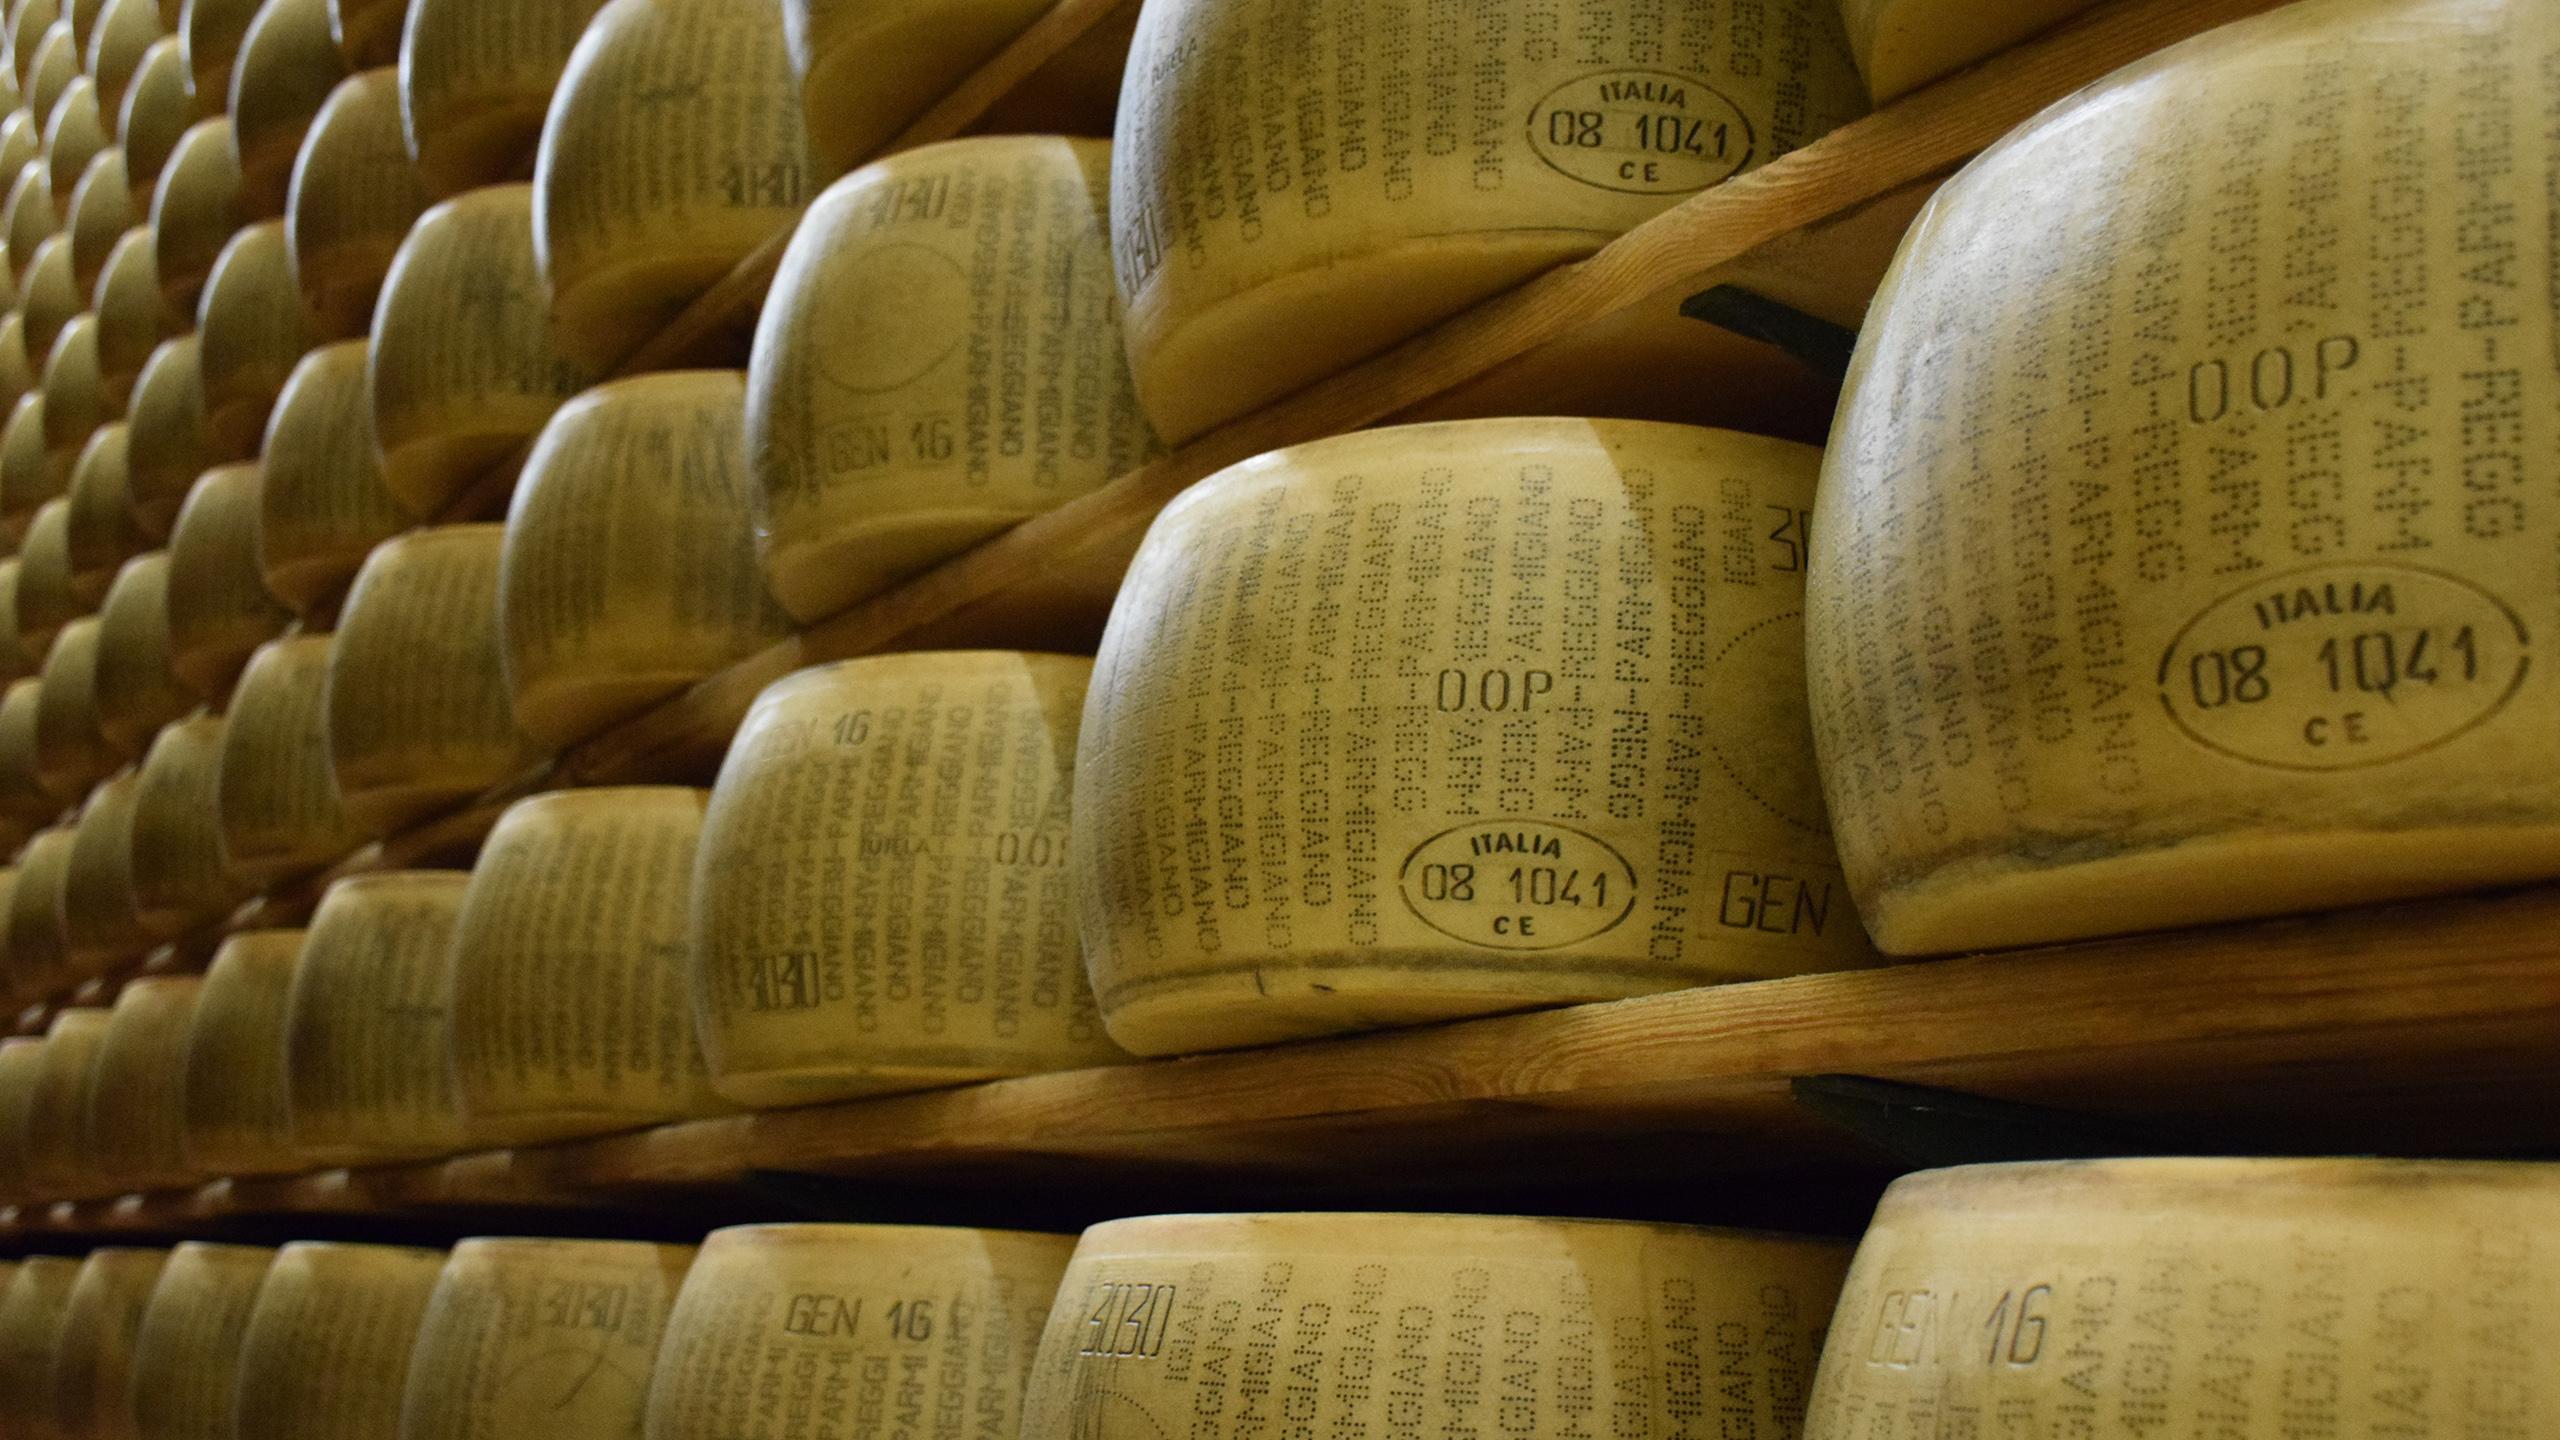 la razón por la que el queso parmesano es tan caro